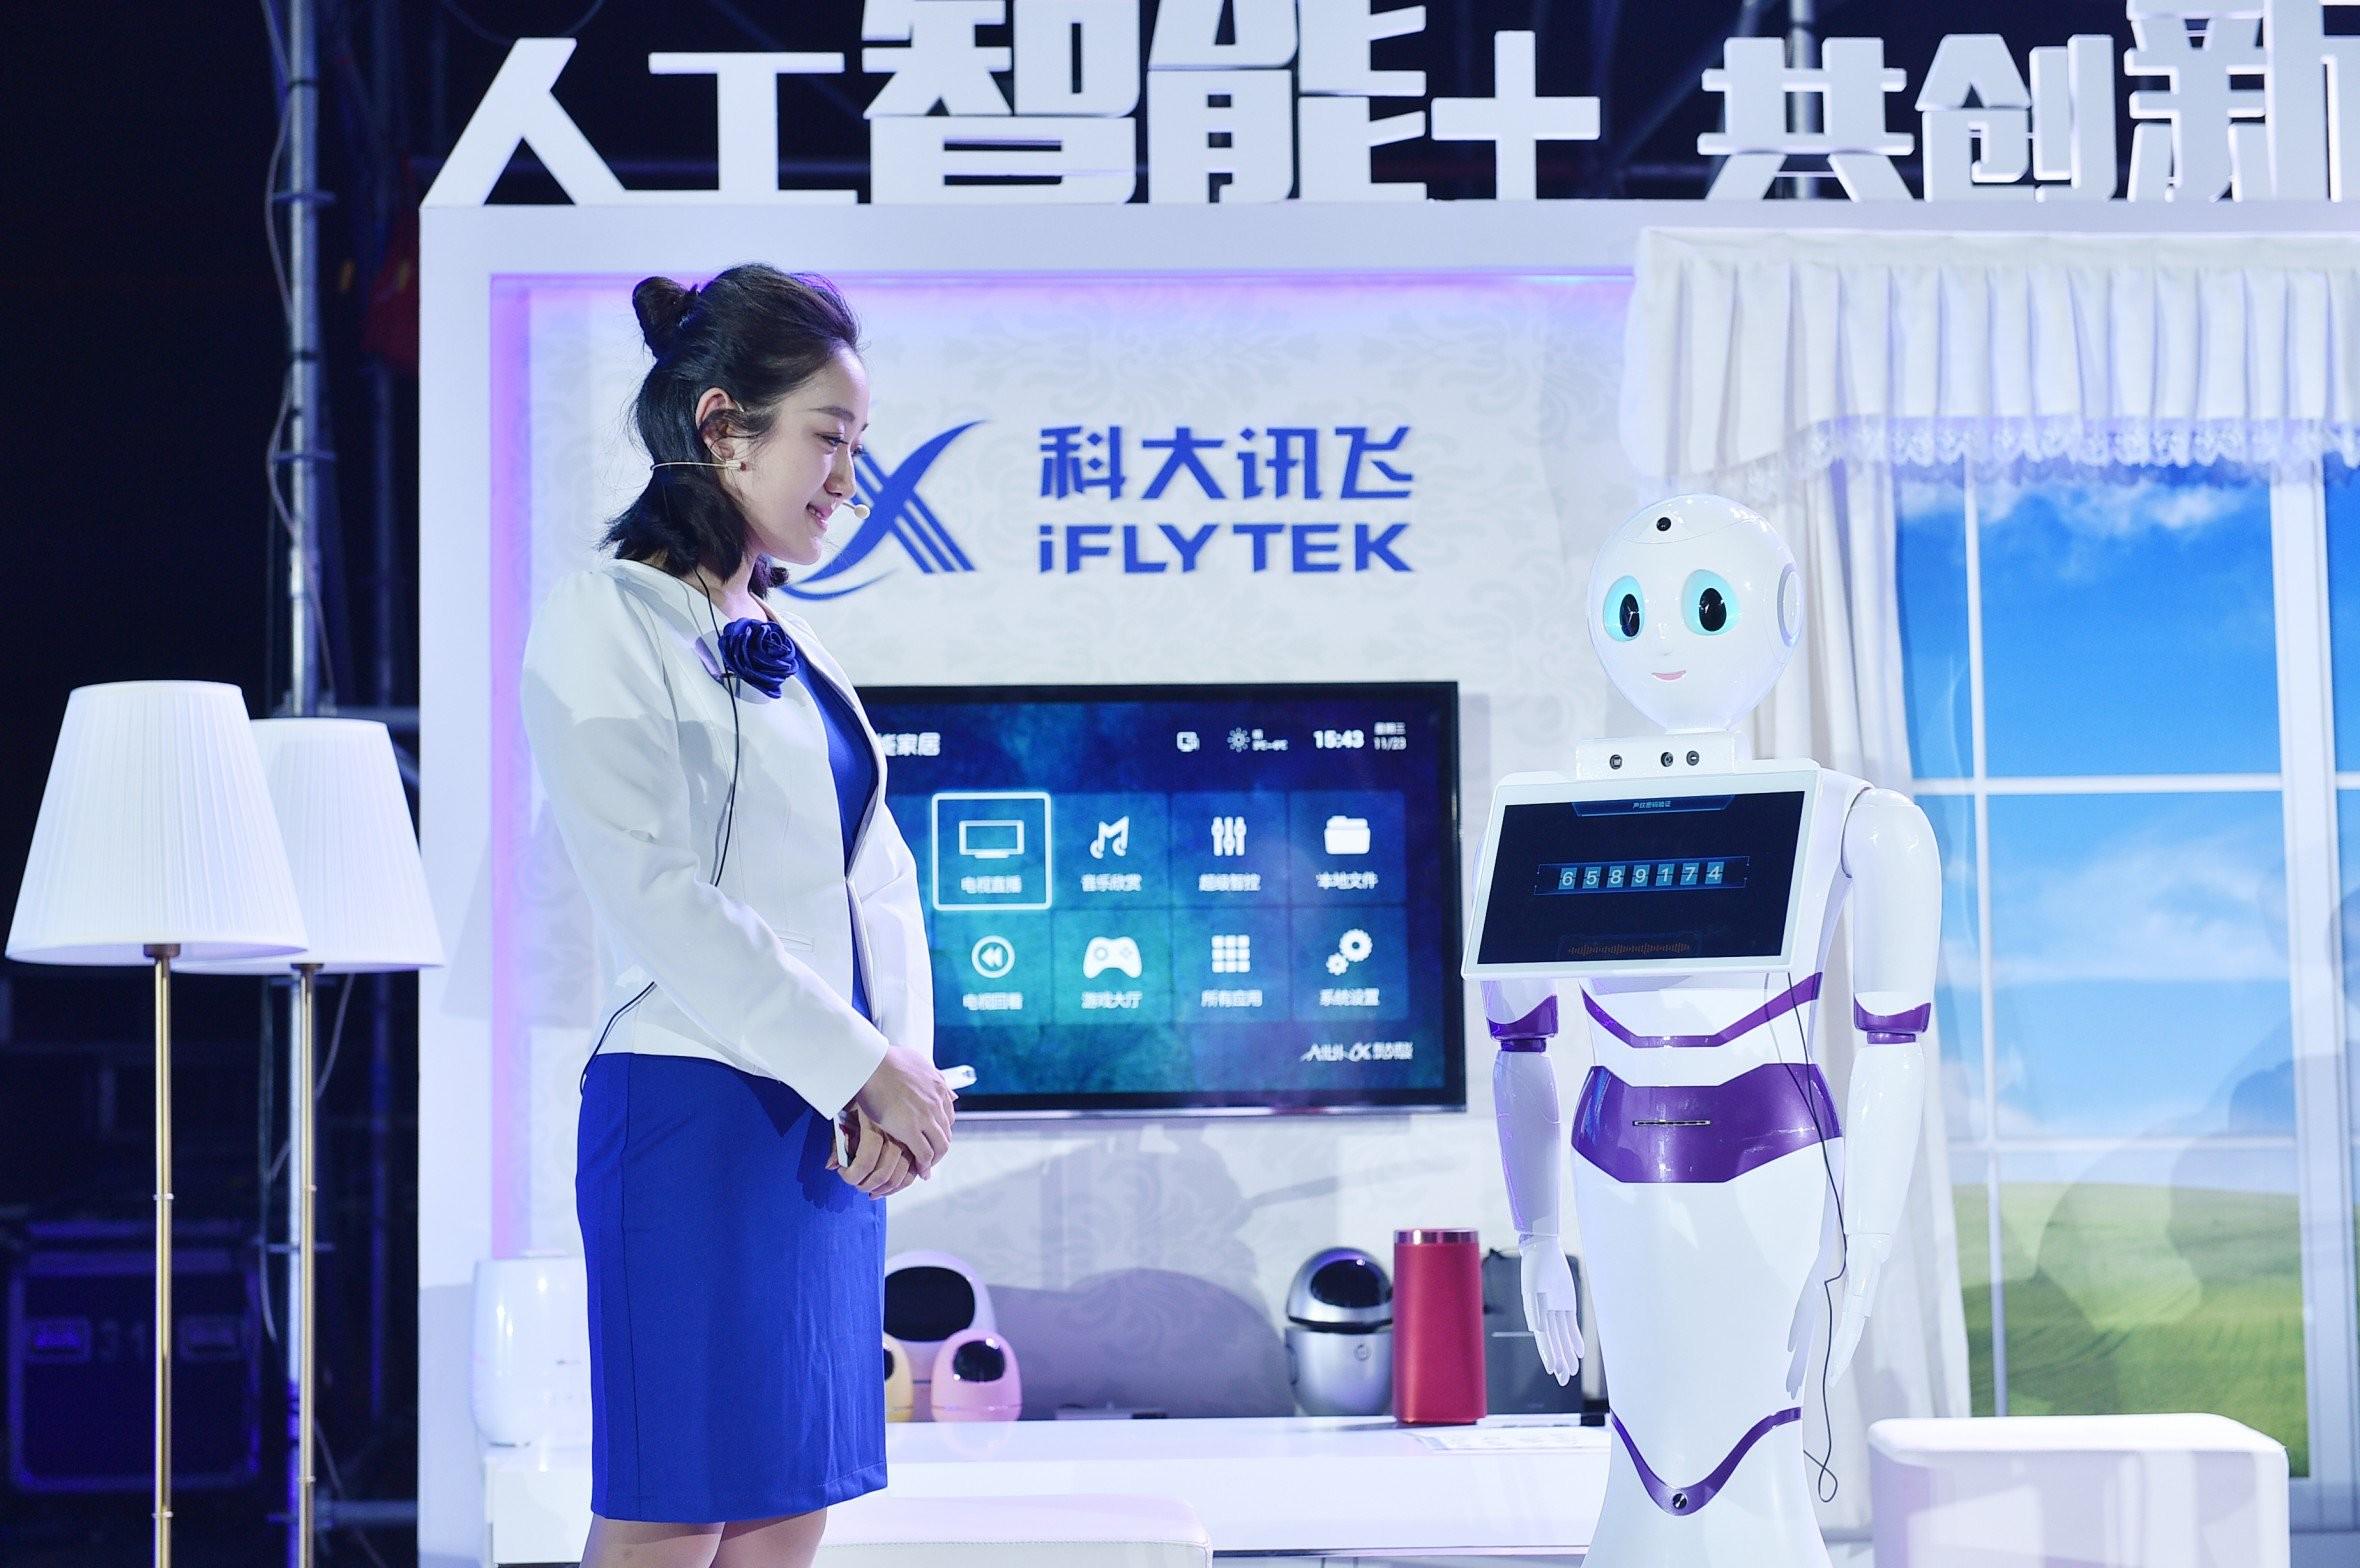 iFlytek 科大訊飛投資可穿戴乳腺癌檢測設備公司 Cyrcadia Asia